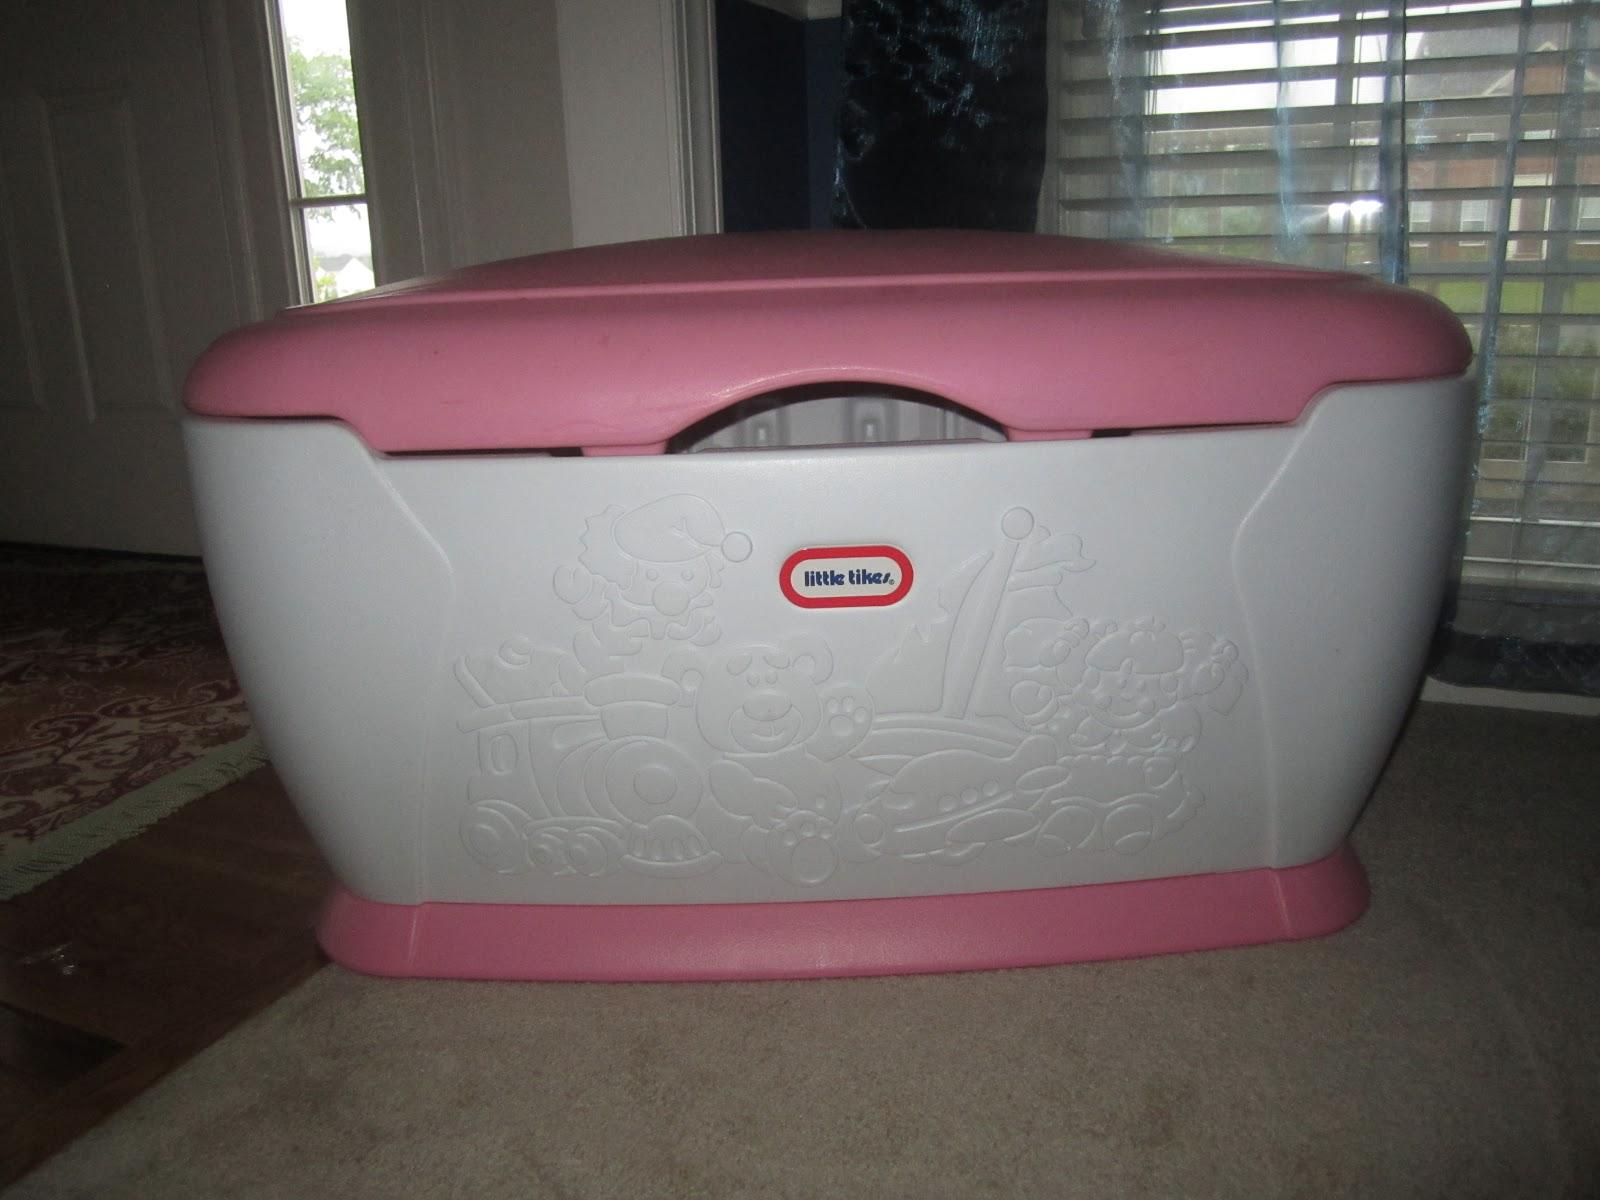 Little tikes pink kitchen – Kitchen ideas